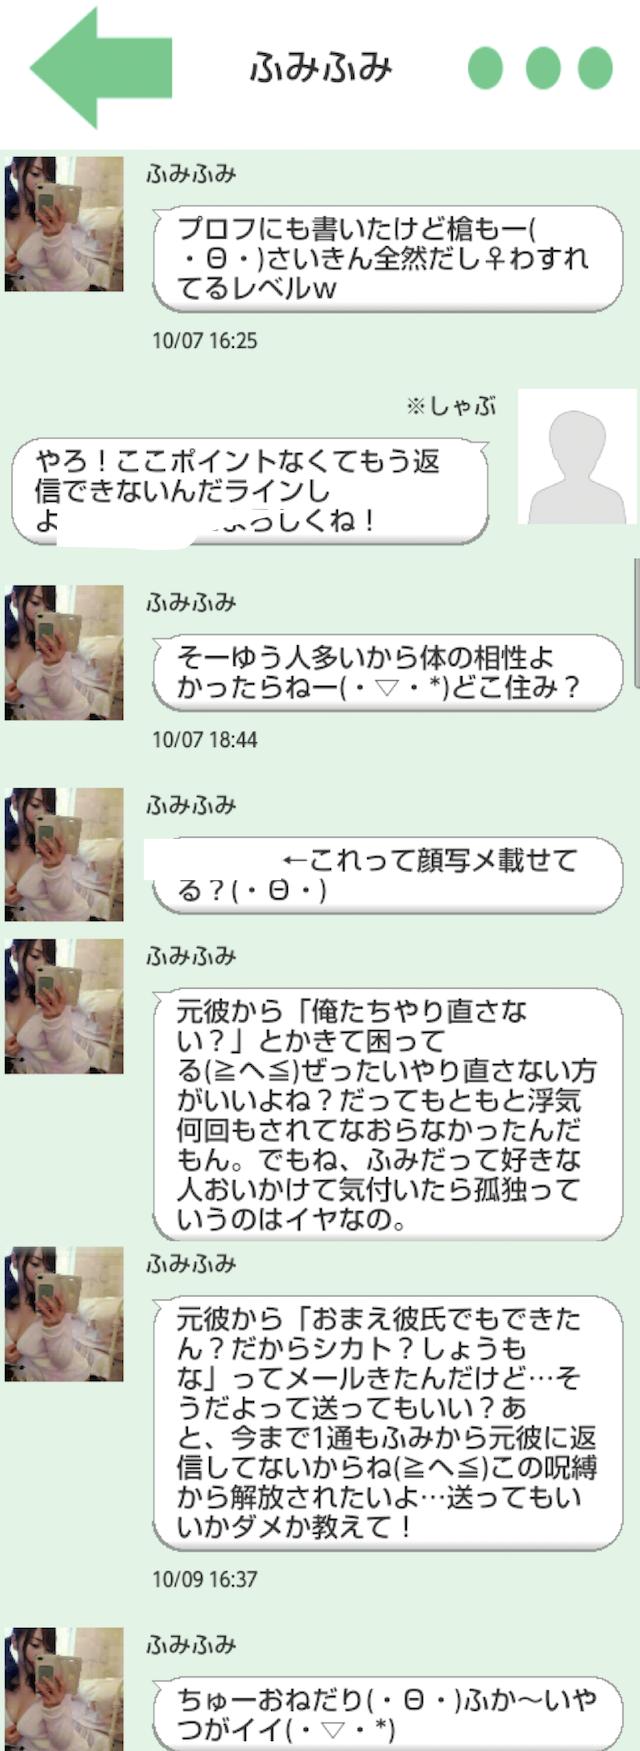 ファイントーク_アプリ6